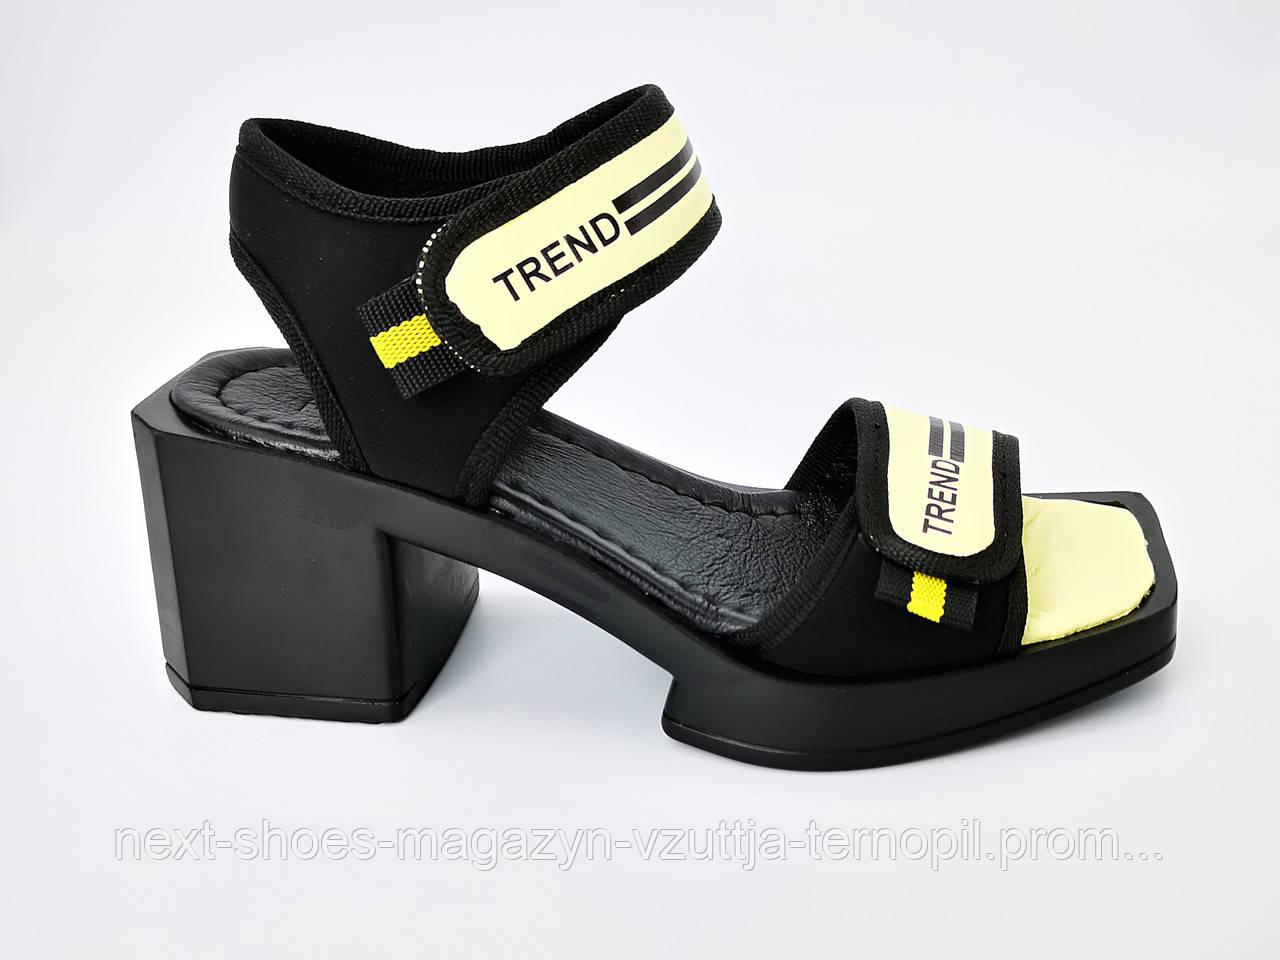 Босоножки TREND женские черные Ripka Турция летние арт 153-37TSYH модель 4982